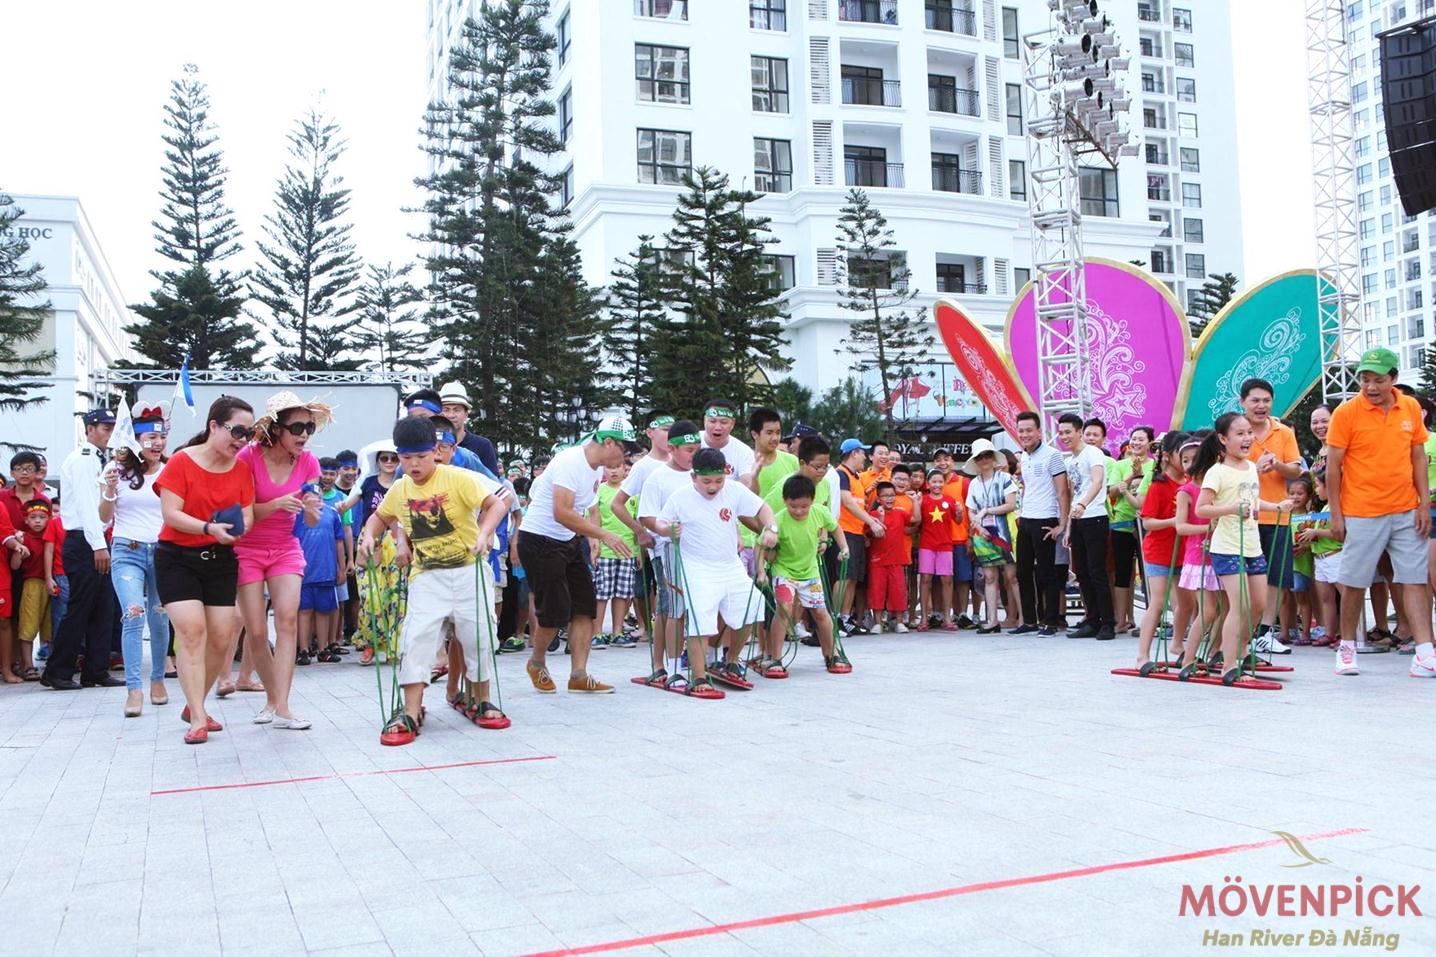 Cộng đồng cư dân văn minh của Movenpick Đà Nẵng